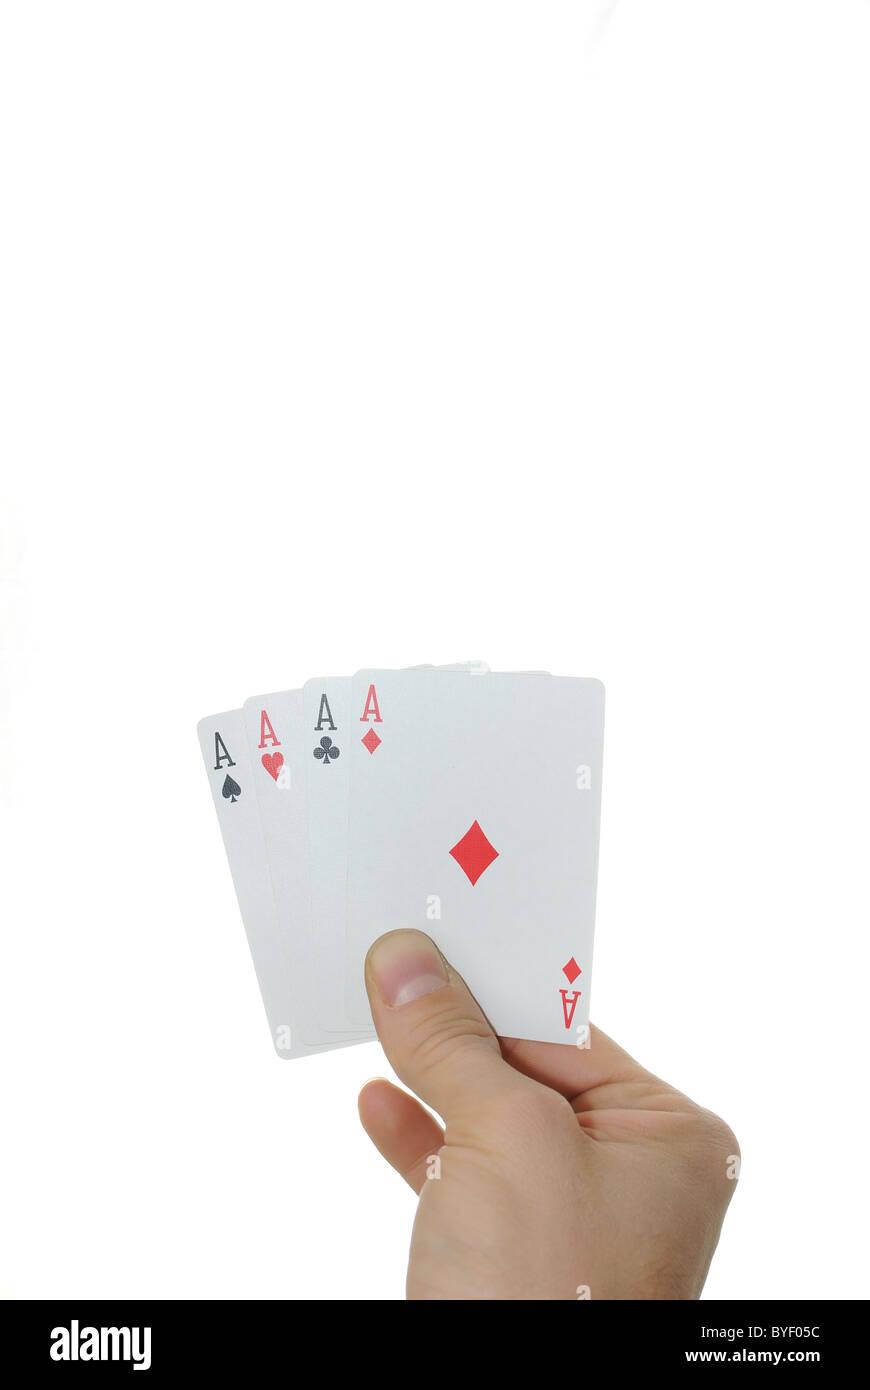 Quattro assi in una mano isolata su uno sfondo bianco. Immagini Stock